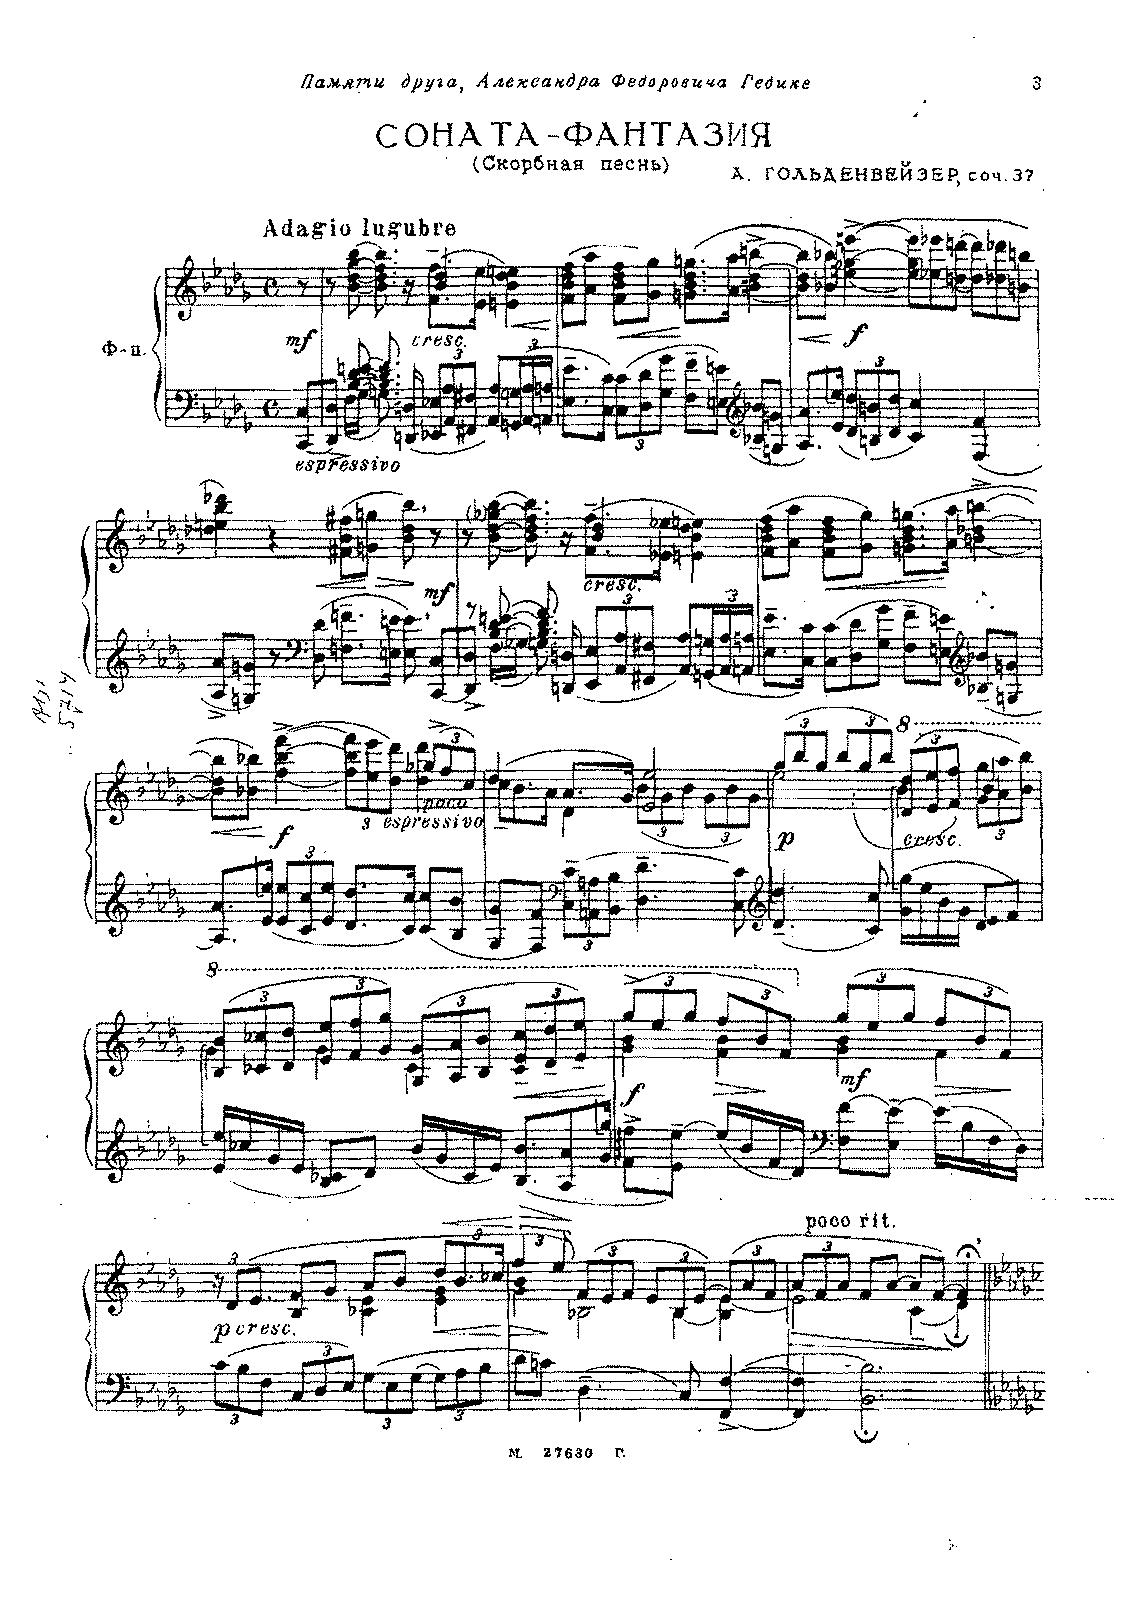 Gol'denvejzer, op, 37